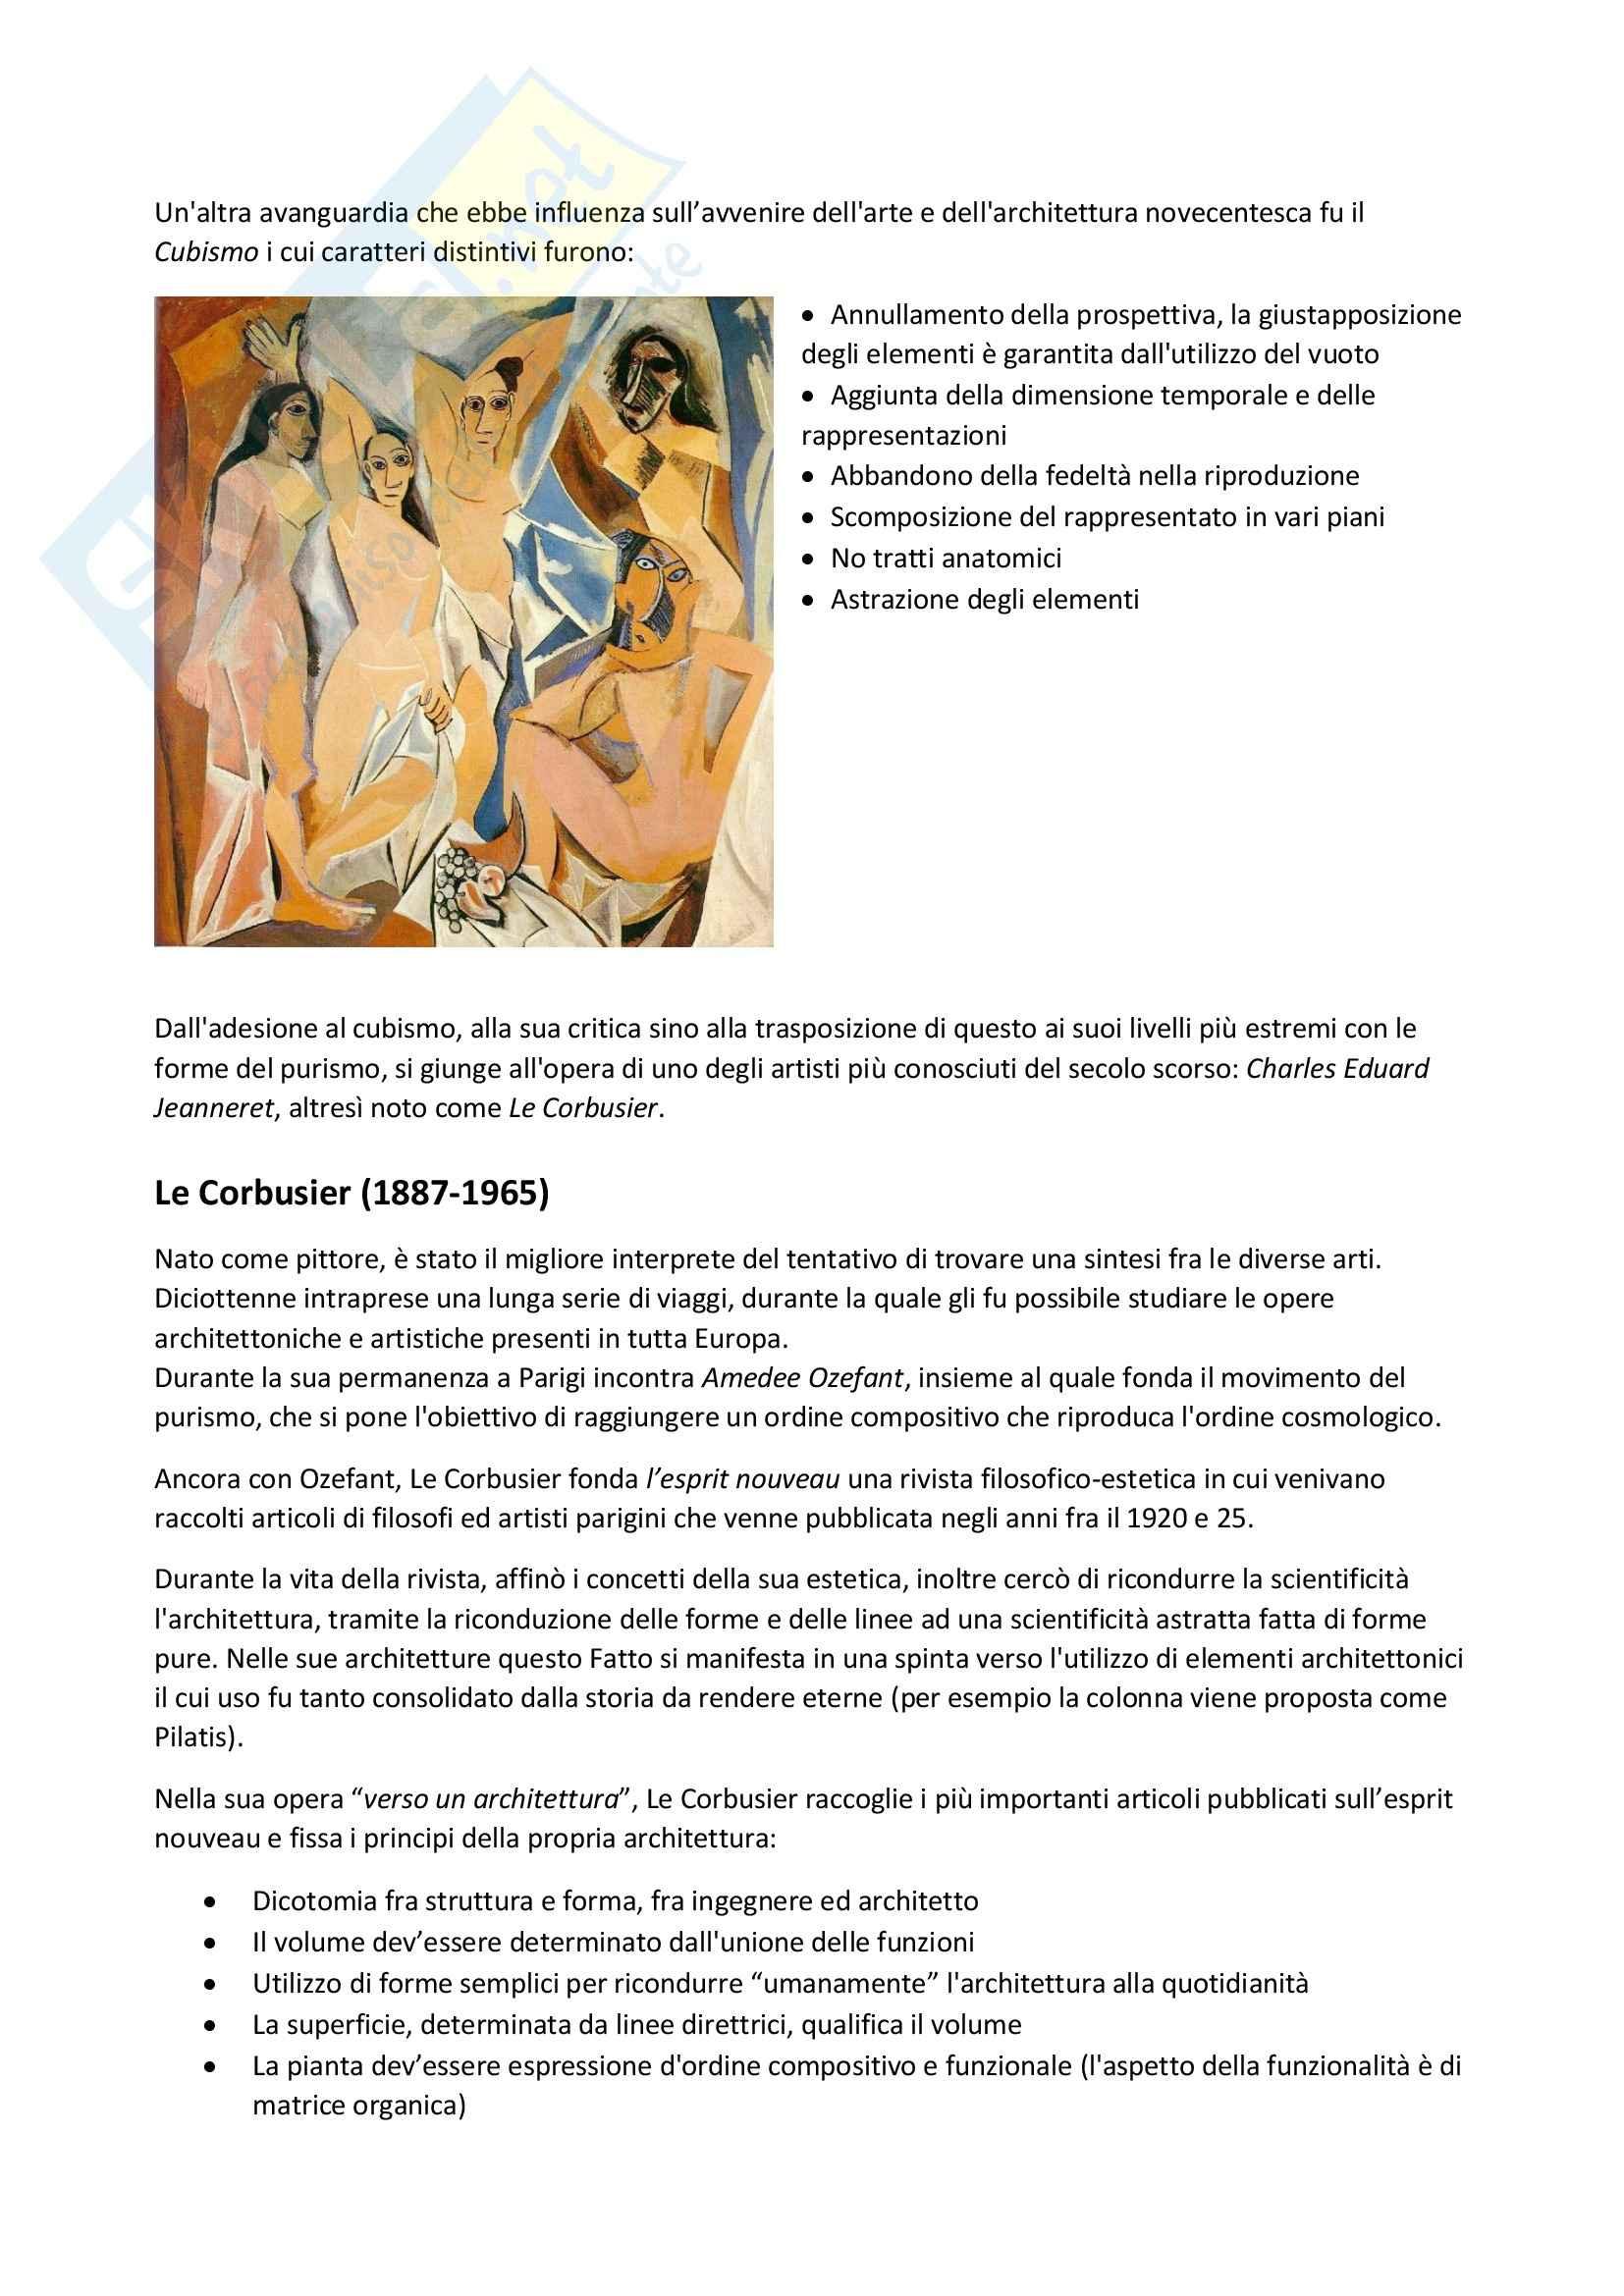 Unione delle arti: Appunti di Storia delle arti e del design Pag. 2